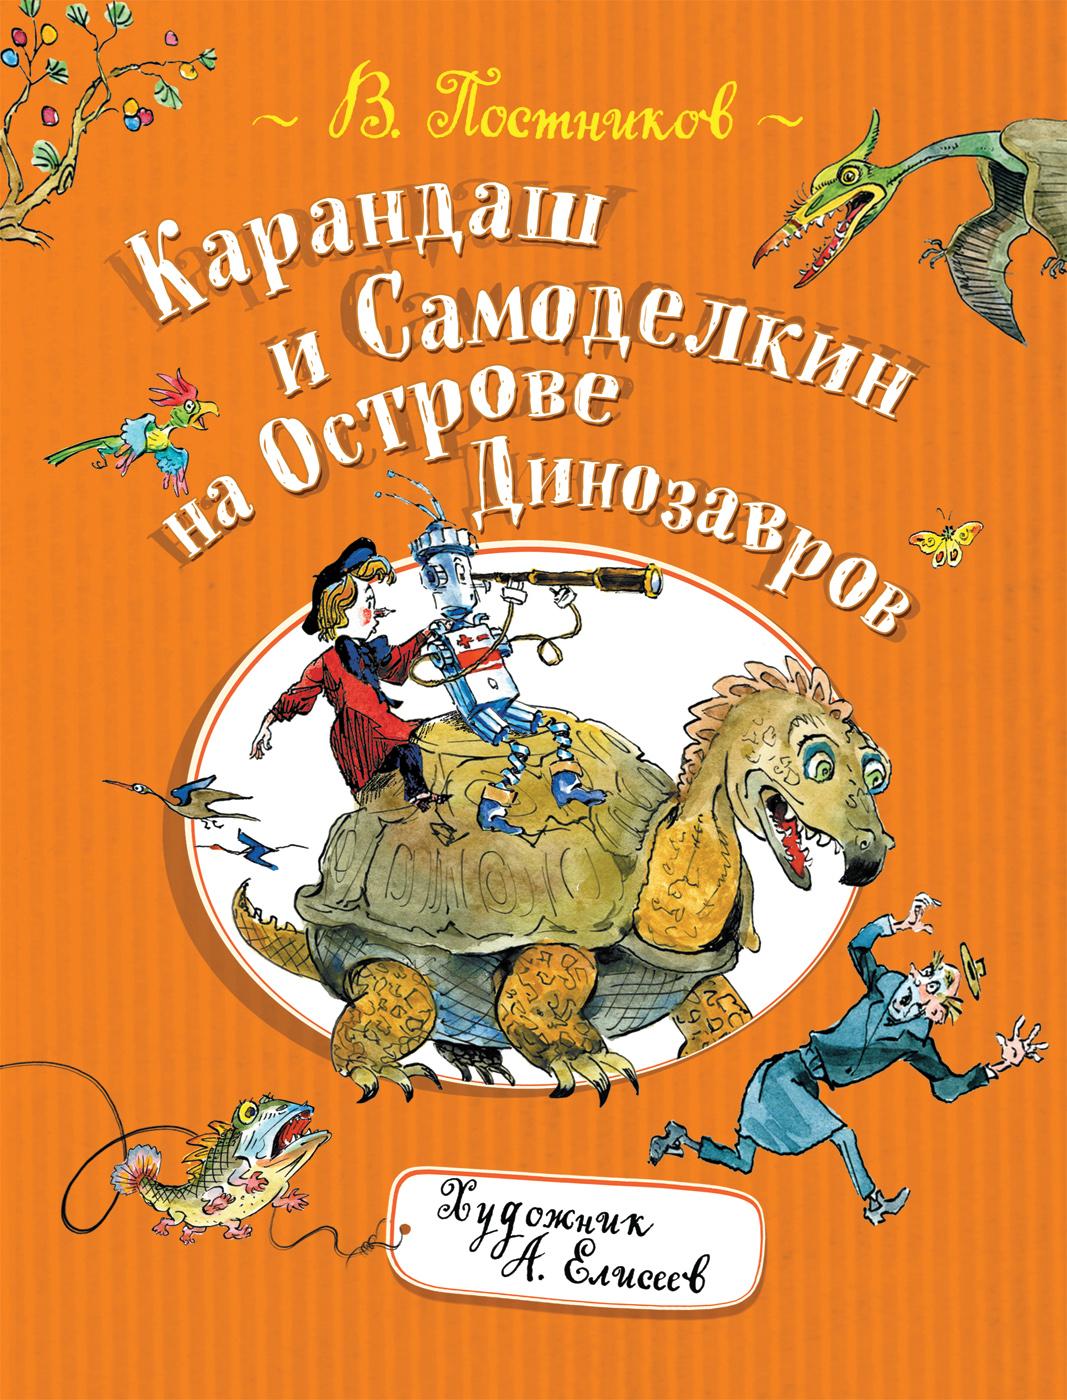 Постников В.Ф. Карандаш и Самоделкин на острове Динозавров